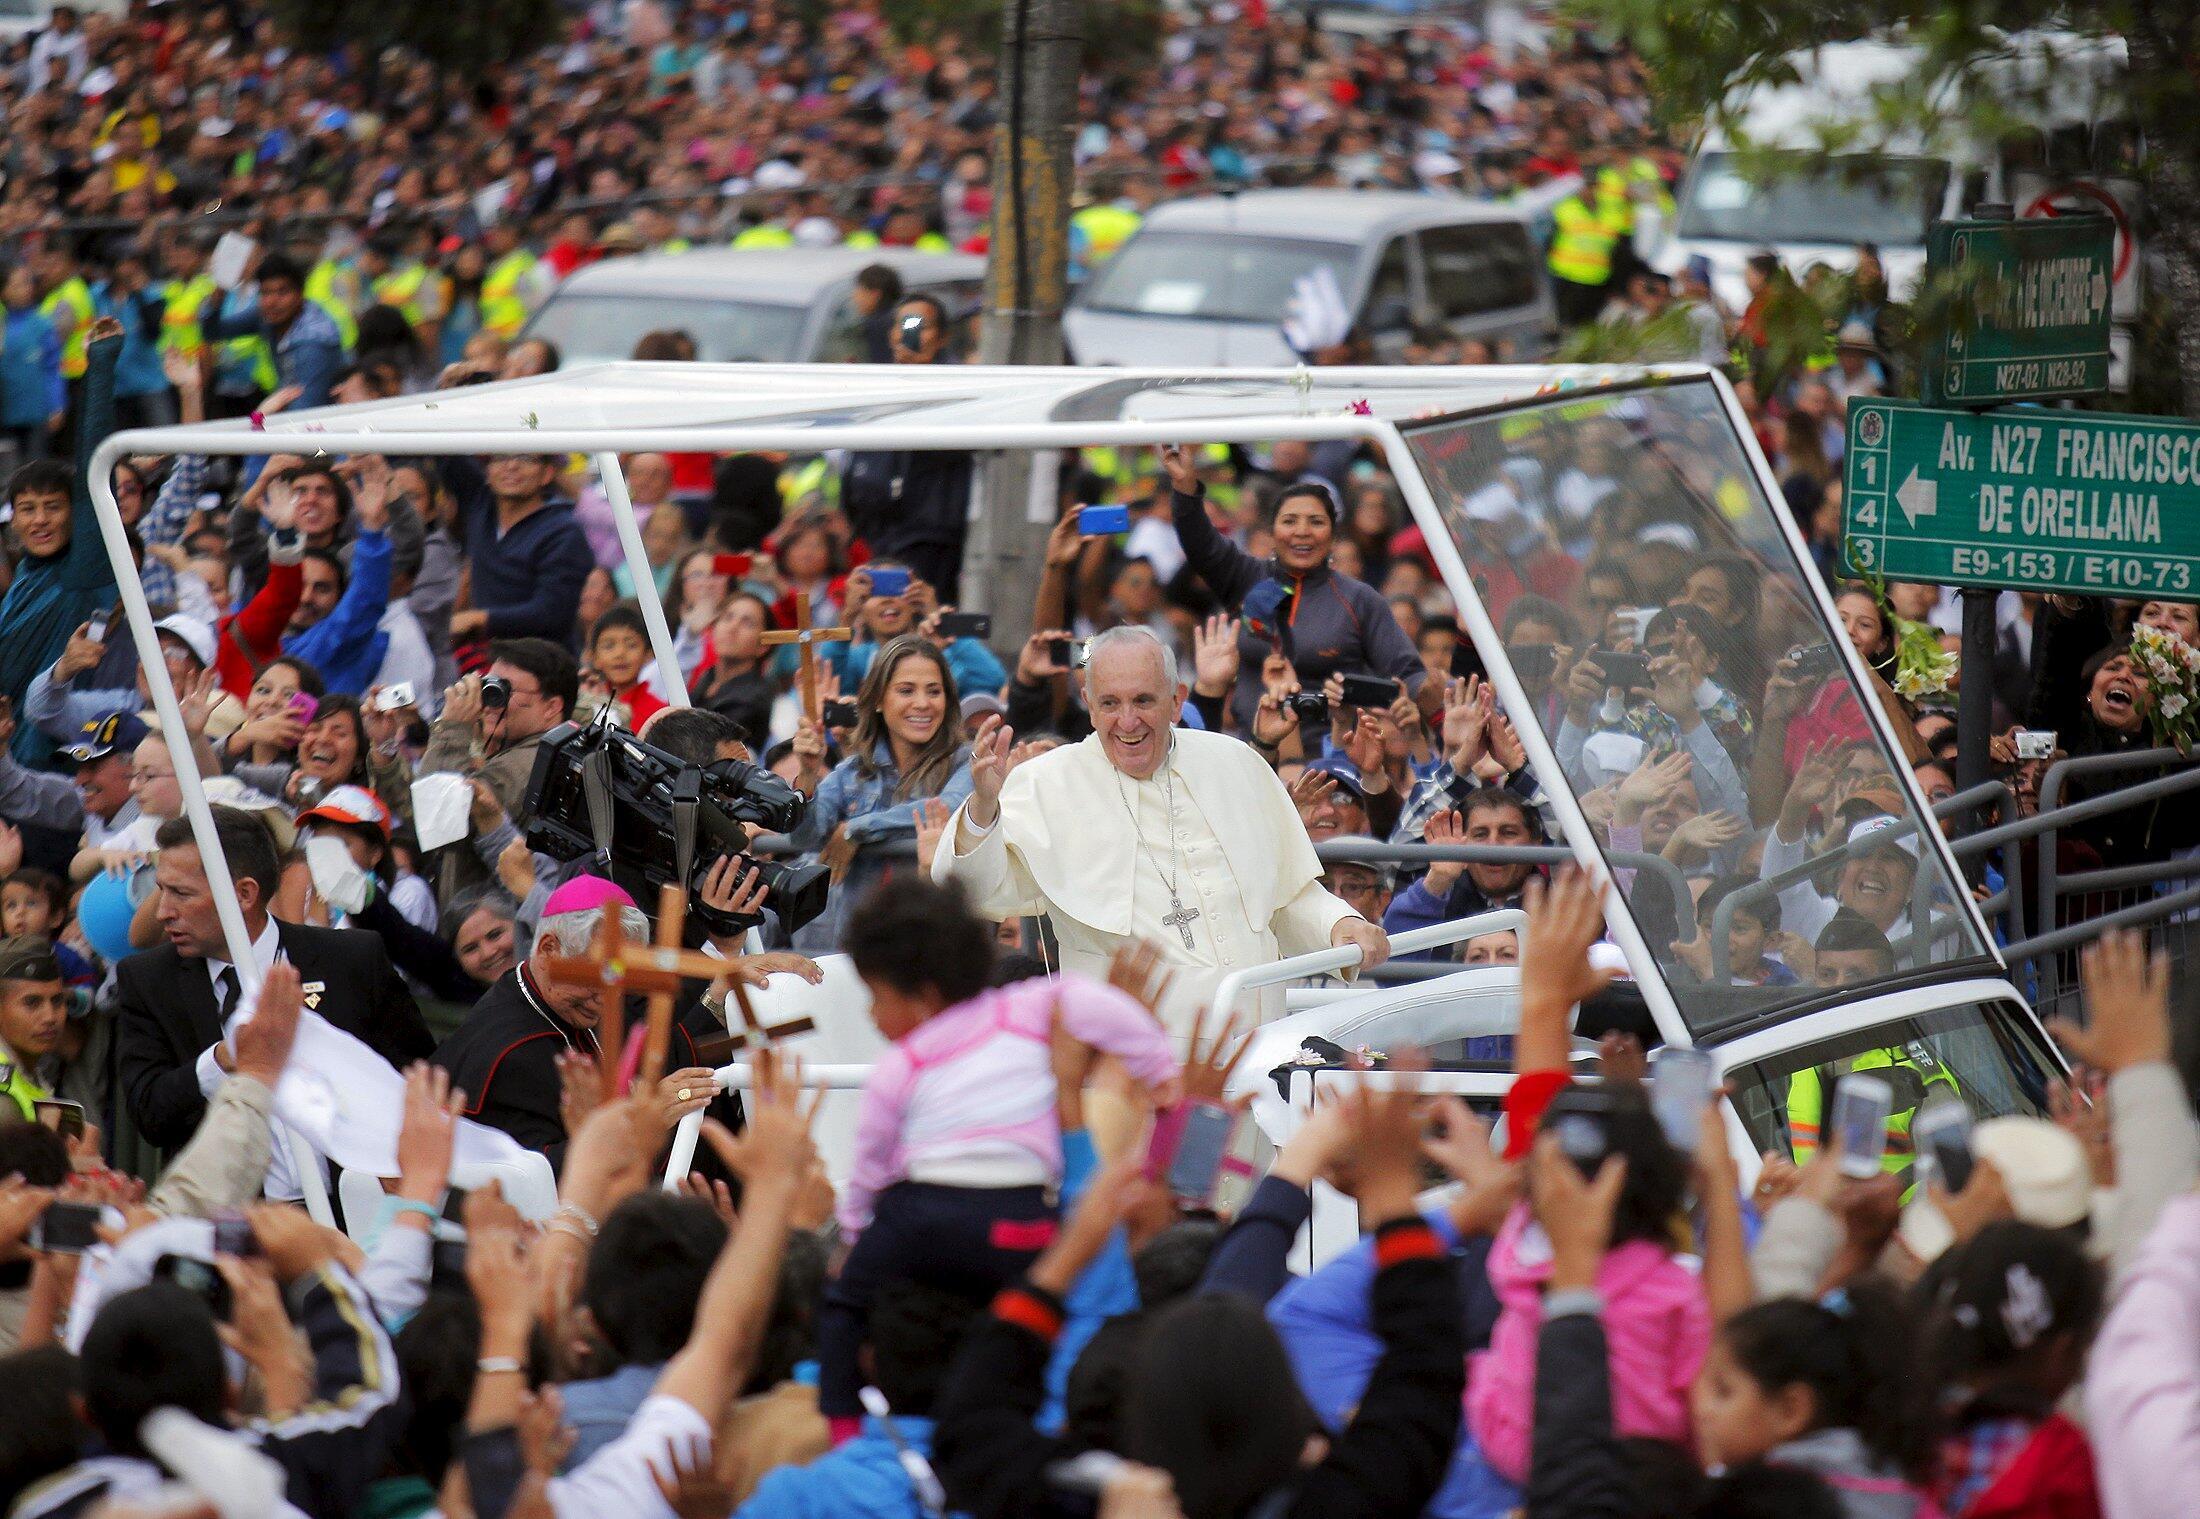 Le pape François salue la foule à Quito, dimanche 5 juillet. Après l'Equateur, il doit se rendre en Bolivie et au Paraguay.